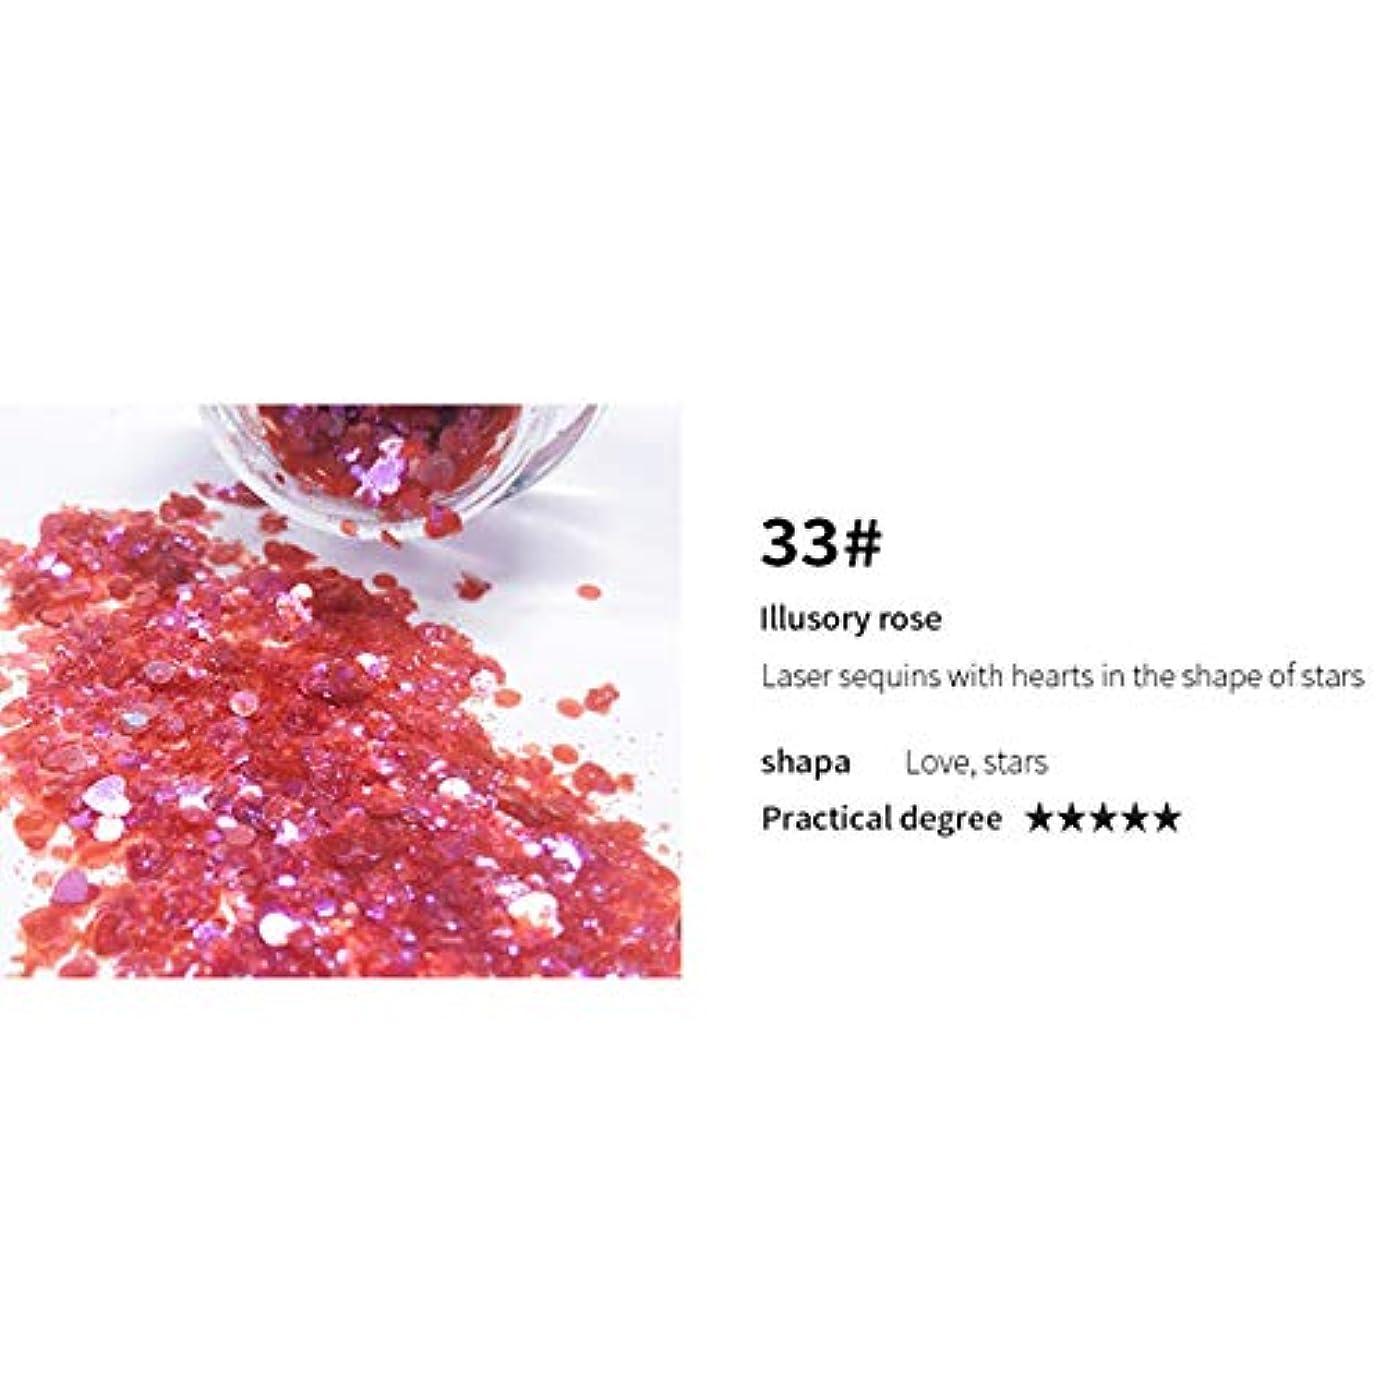 ロータリーペルソナ極地ACHICOO キラキラパウダー 34色 スパンコール パーティーメイク 輝く カラフル 顔·目·リップ·ボディ·ヘアグリッターフラッシュ ネイル化粧品 ファッション 女性 33#